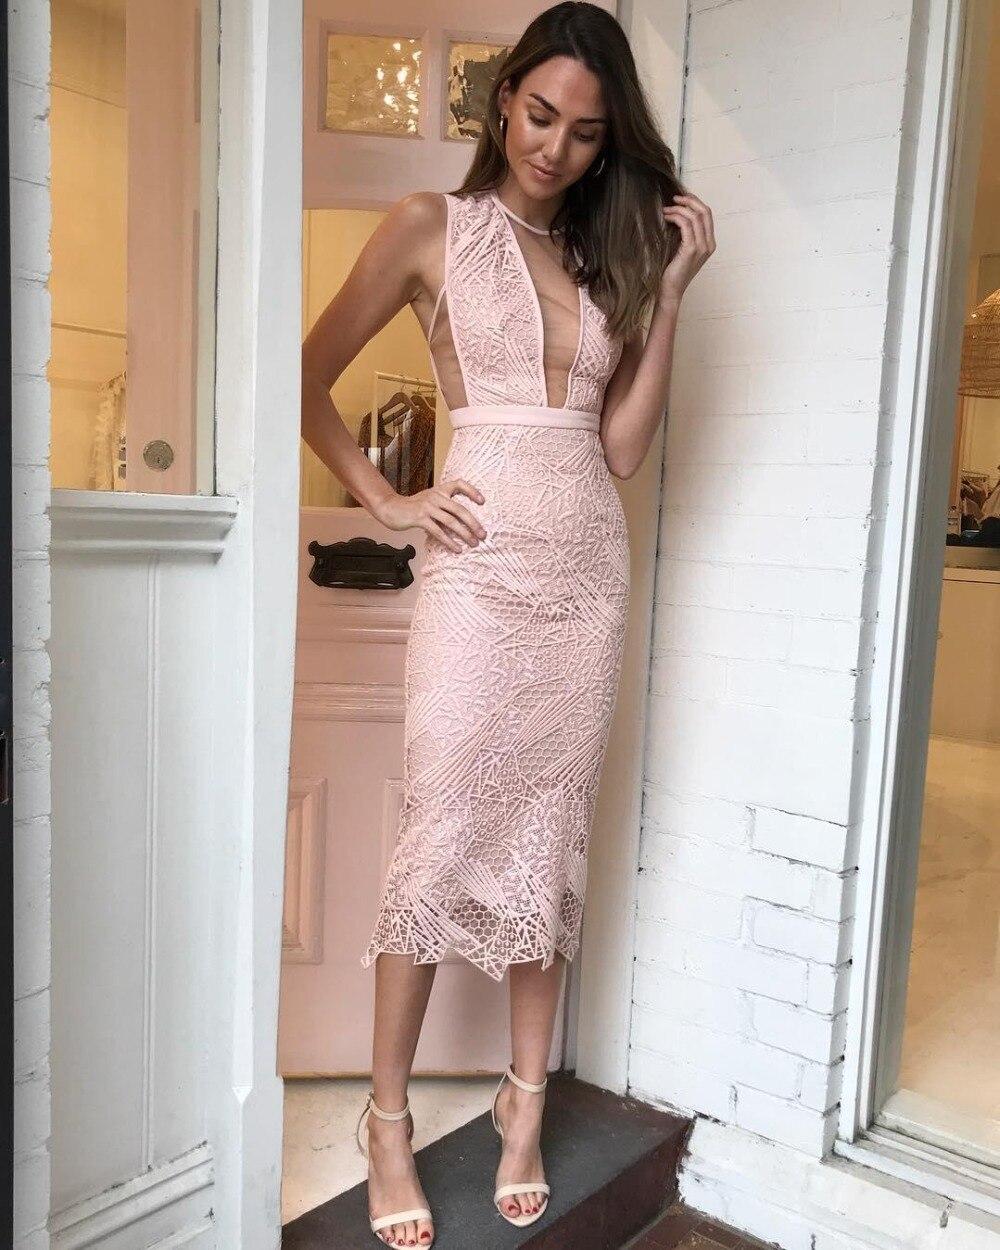 2018 nouvelle mode sexy femmes robe rose réservoir 2 couches dentelle moulante rayonne élégant échantillon célébrité robe de soirée